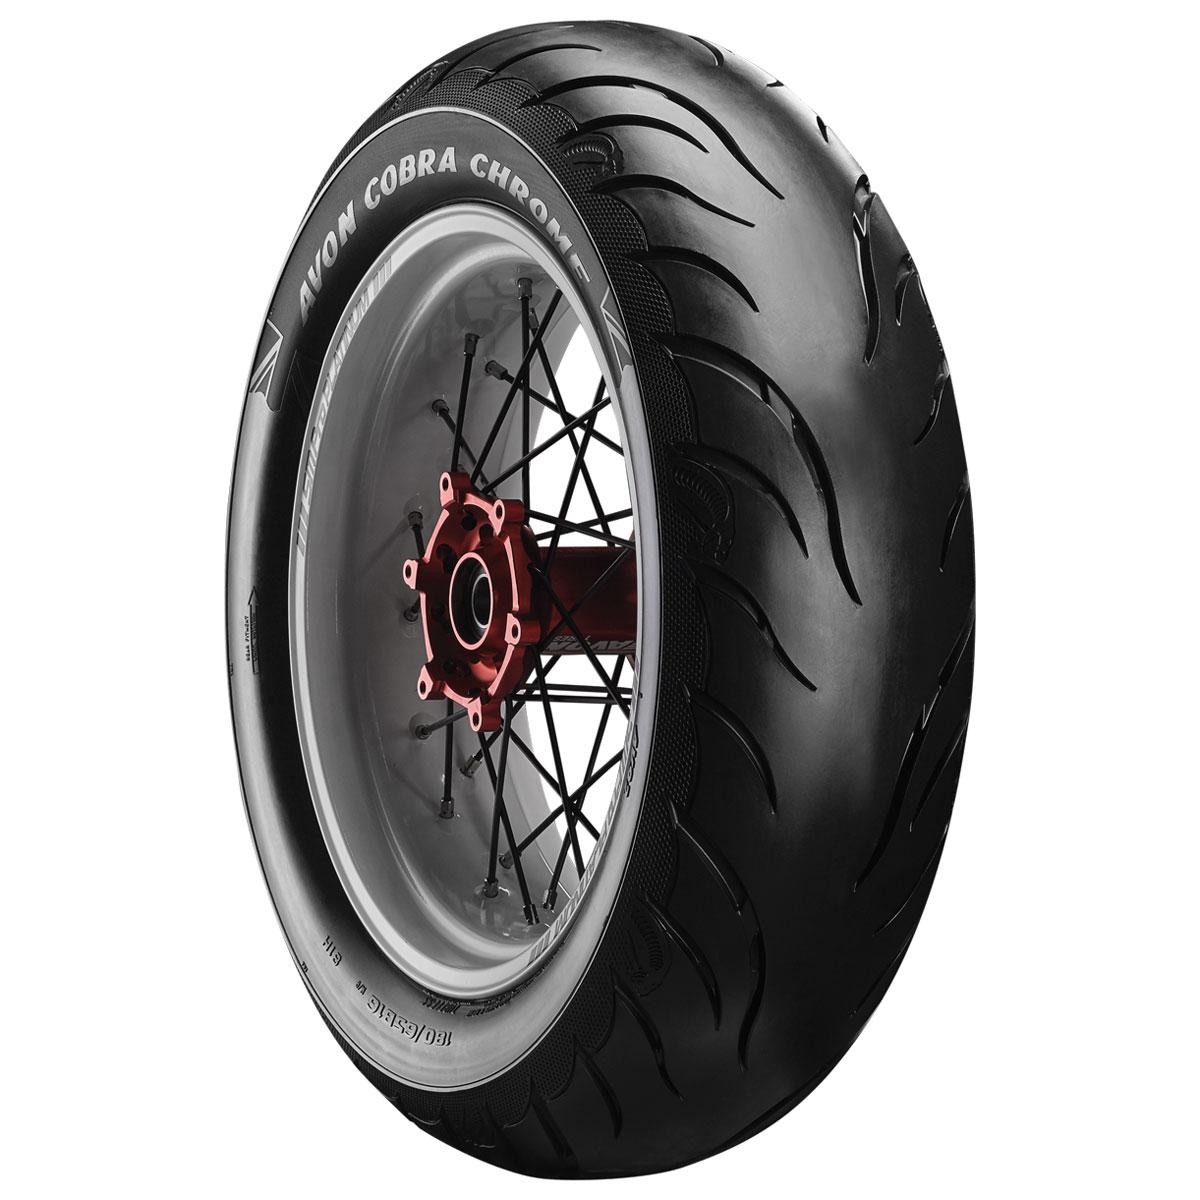 Avon AV92 Cobra Chrome MT90B16 Rear Tire